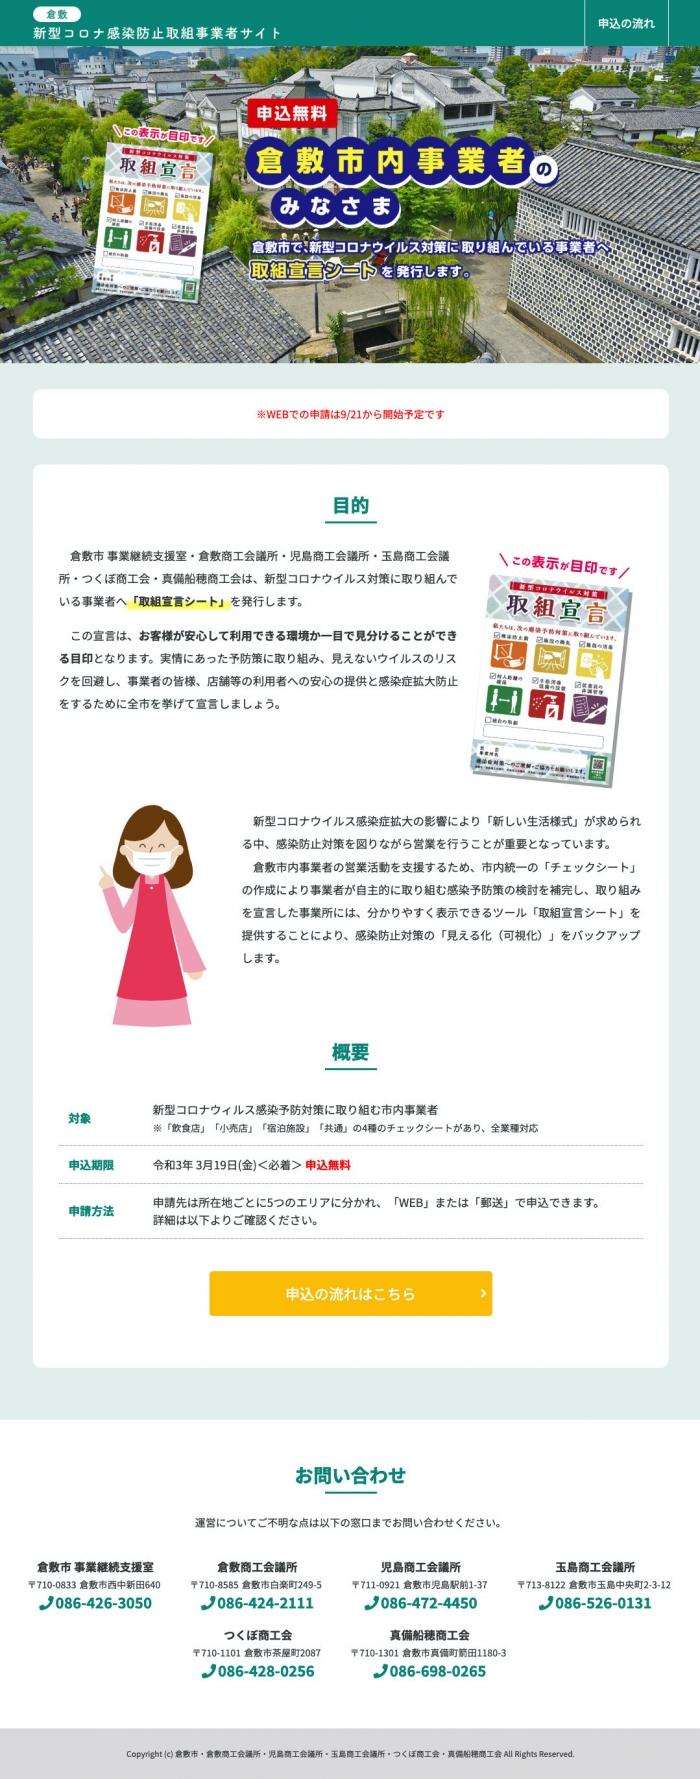 倉敷市 新型コロナウイルス対策 特設サイト制作